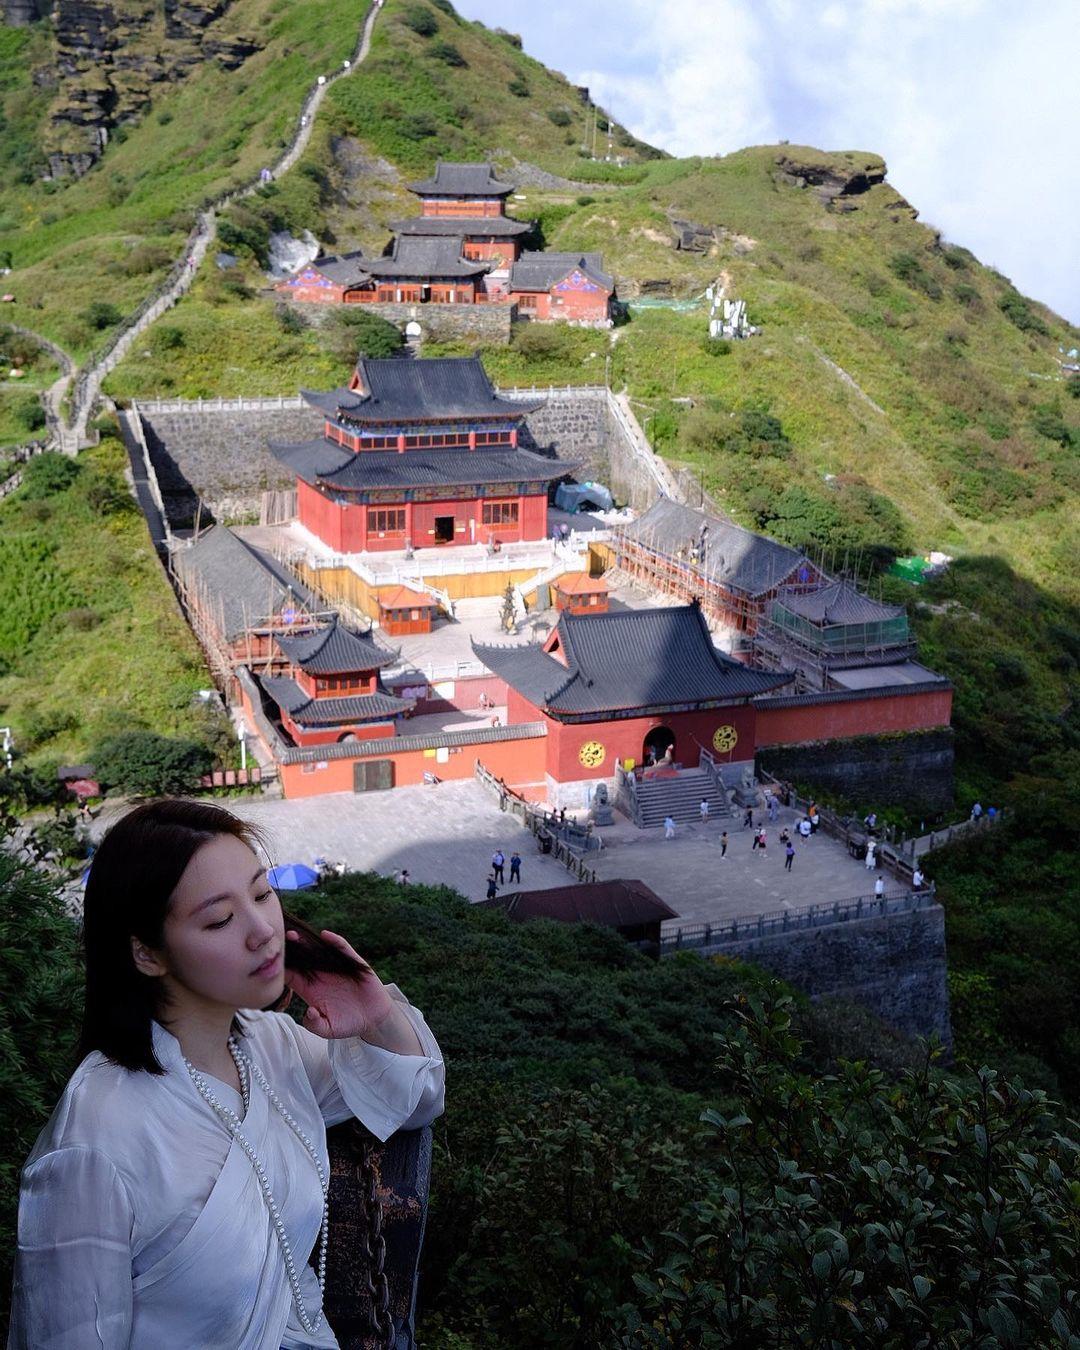 Tại các trạm nghỉ, du khách có thể ngắm hoặc ghé thăm hai ngôi chùa nằm ở vị trí thấp hơn.